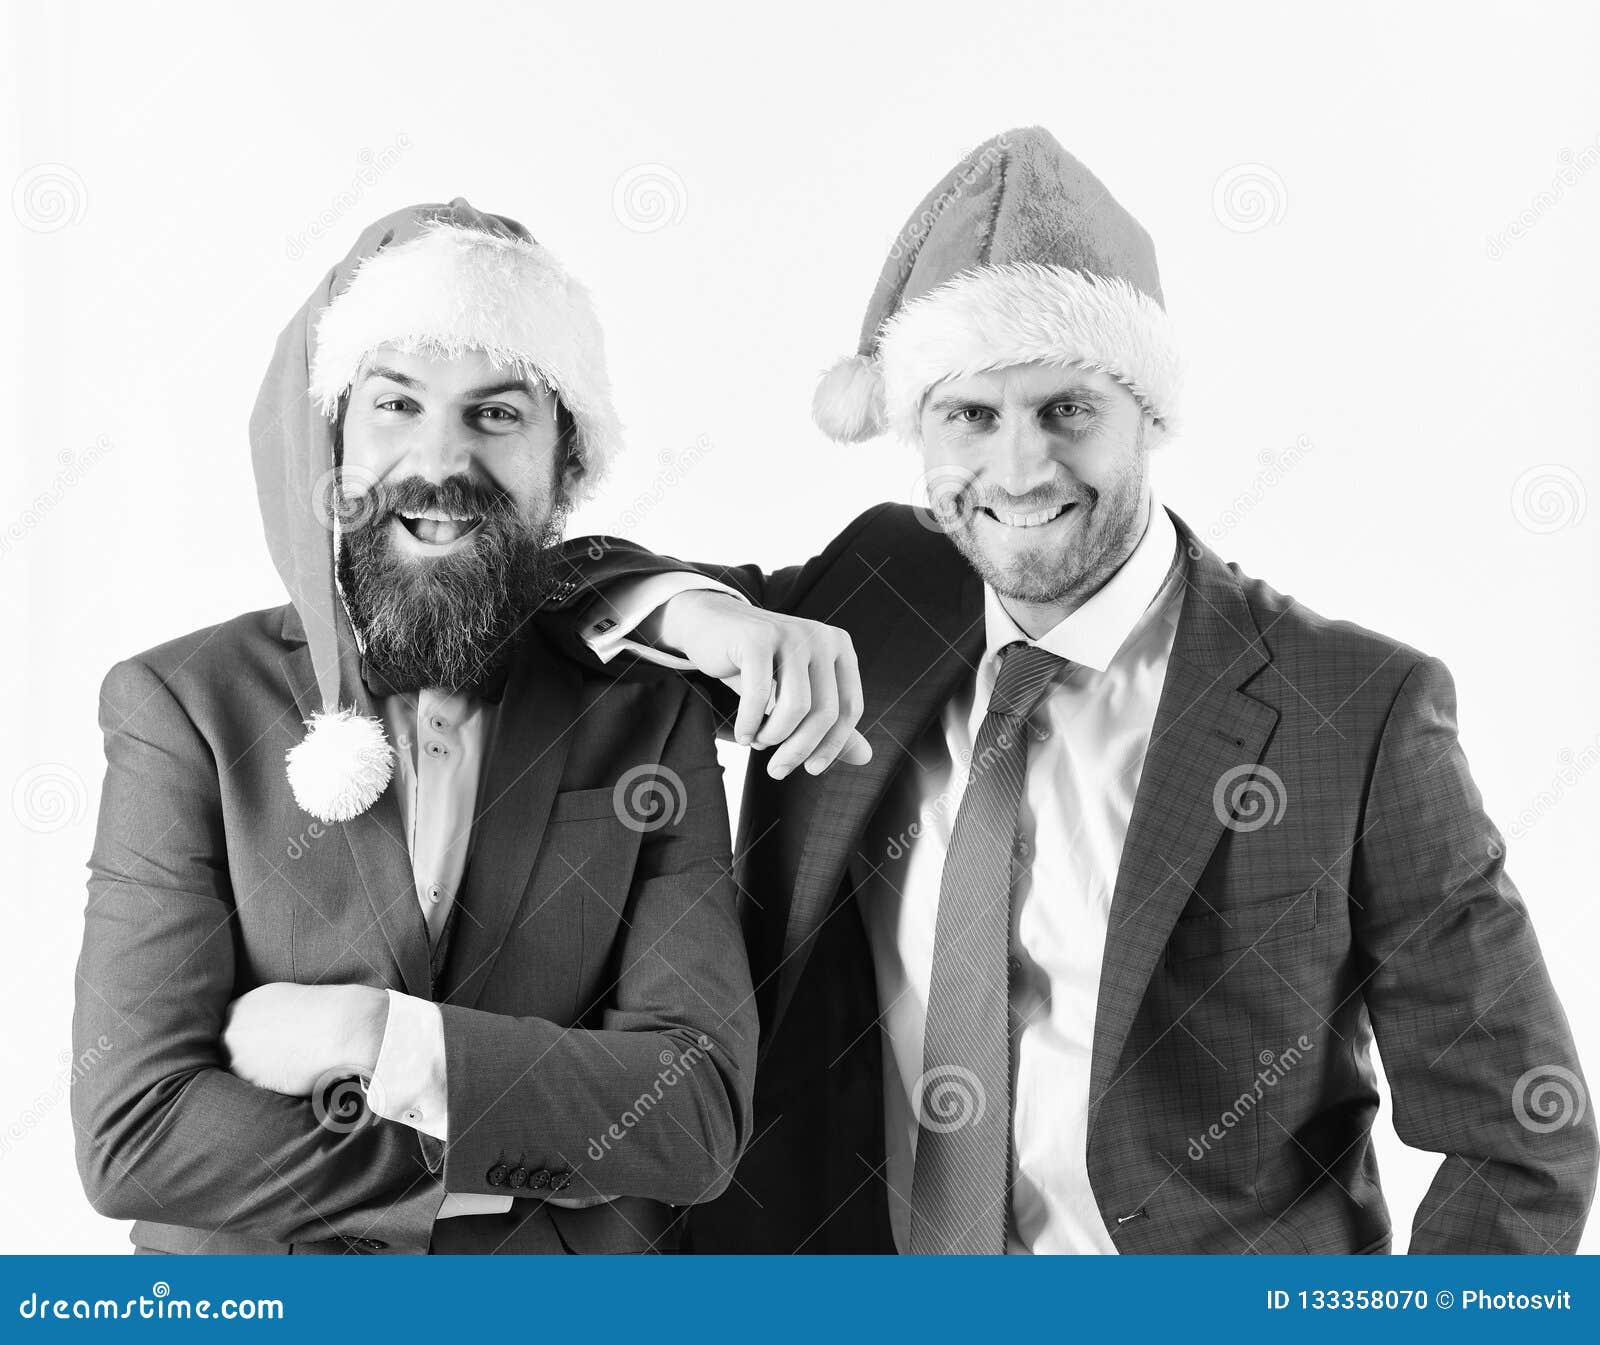 Mensen in slimme kostuums en Kerstmanhoeden op witte achtergrond